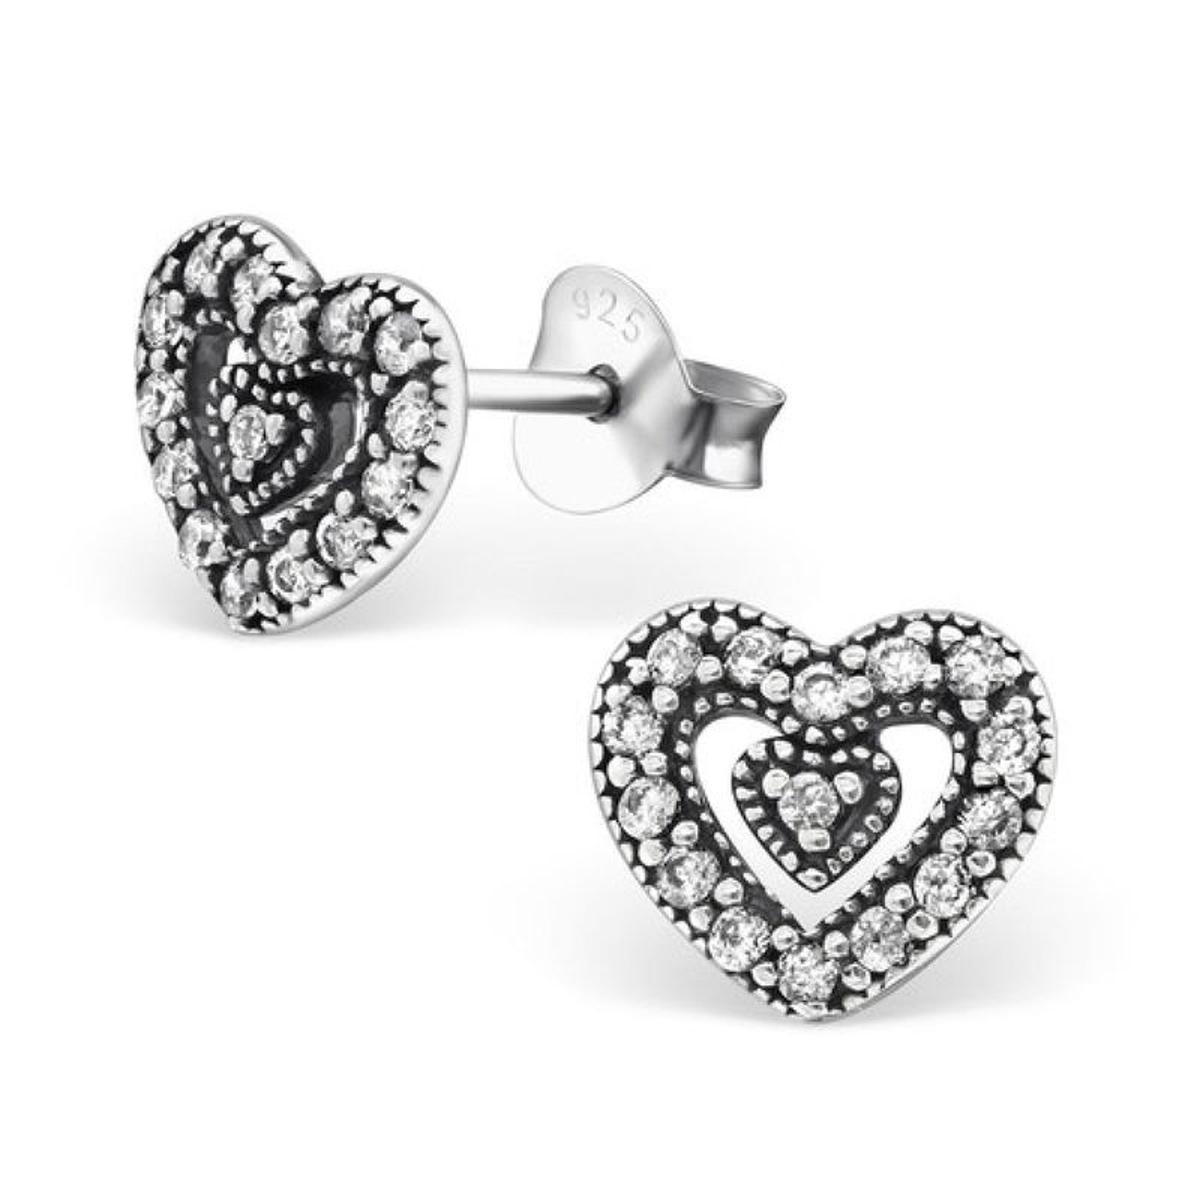 Boucles d'oreilles Coeur dans Coeur Double Coeur Sertis de Blanc Argent 925